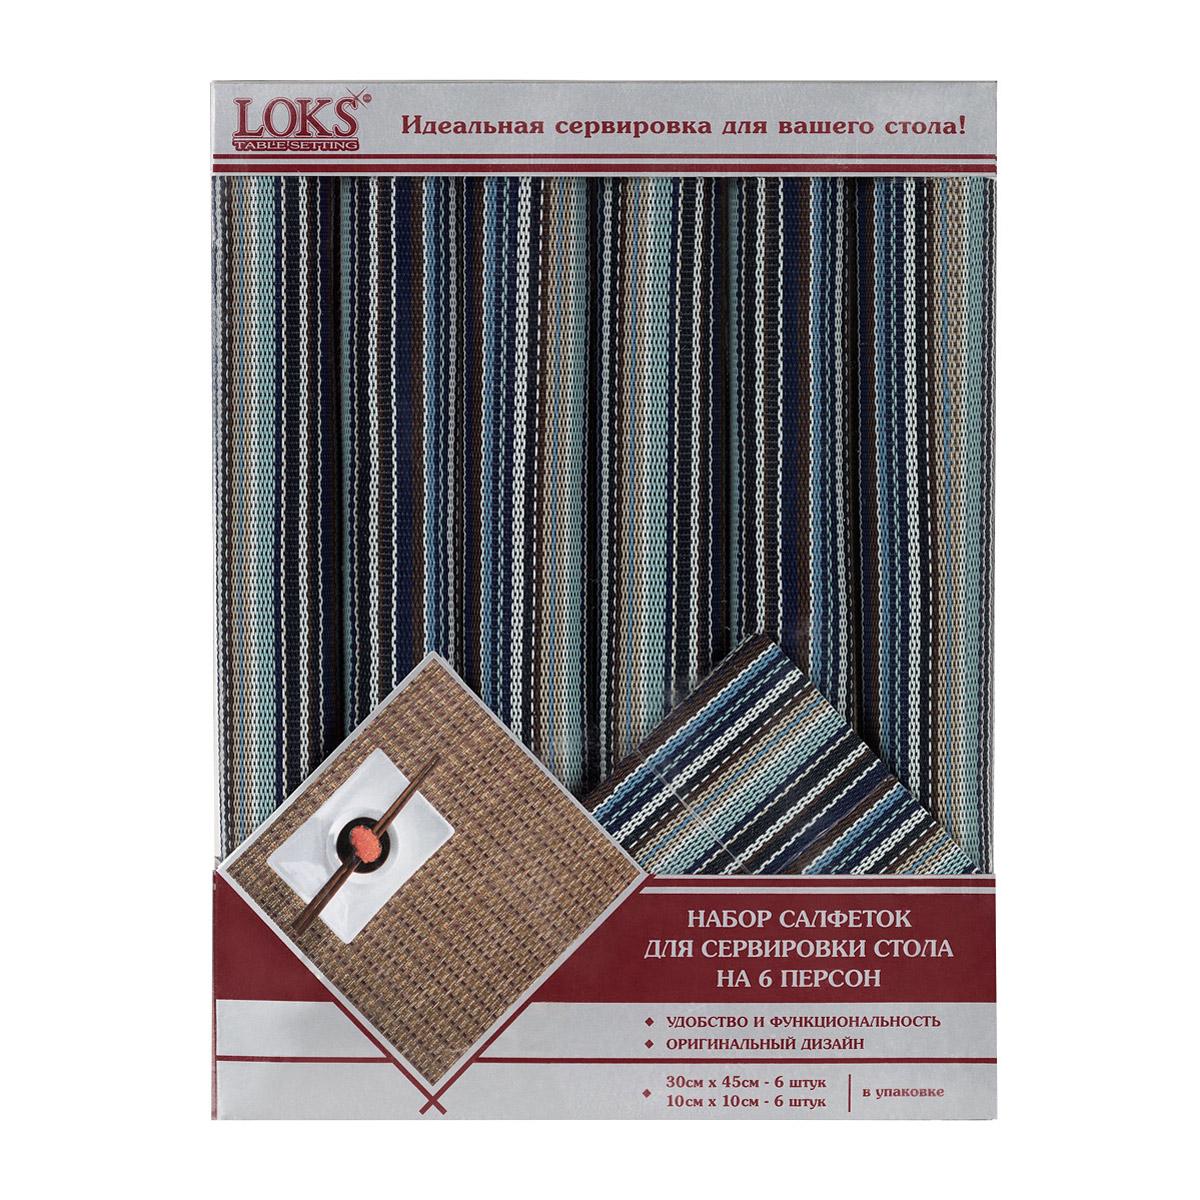 Набор виниловых салфеток для кухни LOKS, цвет: голубой, 12 шт. P400-103P400-103 - голубойНабор салфеток для кухни предназначен для ежедневной сервировки стола. Изделия обладают высокой износоустойчивостью и предназначены для многократного использования. Салфетки предохраняют поверхность стола от царапин. Легко моются в теплой воде с мягкими чистящими средствами. Оригинальный дизайн салфеток отлично впишется в любой интерьер. Меры предосторожности: Не стирать в стиральной машине Не дезинфицировать в микроволновой печи Характеристики: Материал: поливинилхлорид, полиэстер. Цвет: голубой. Размер салфеток: 30 см х 45 см 0,1 см. Размер подставок для стаканов: 10 см х 10 см х 0,1 см. Размер упаковки: 30,5 см х 23 см х 4 см.